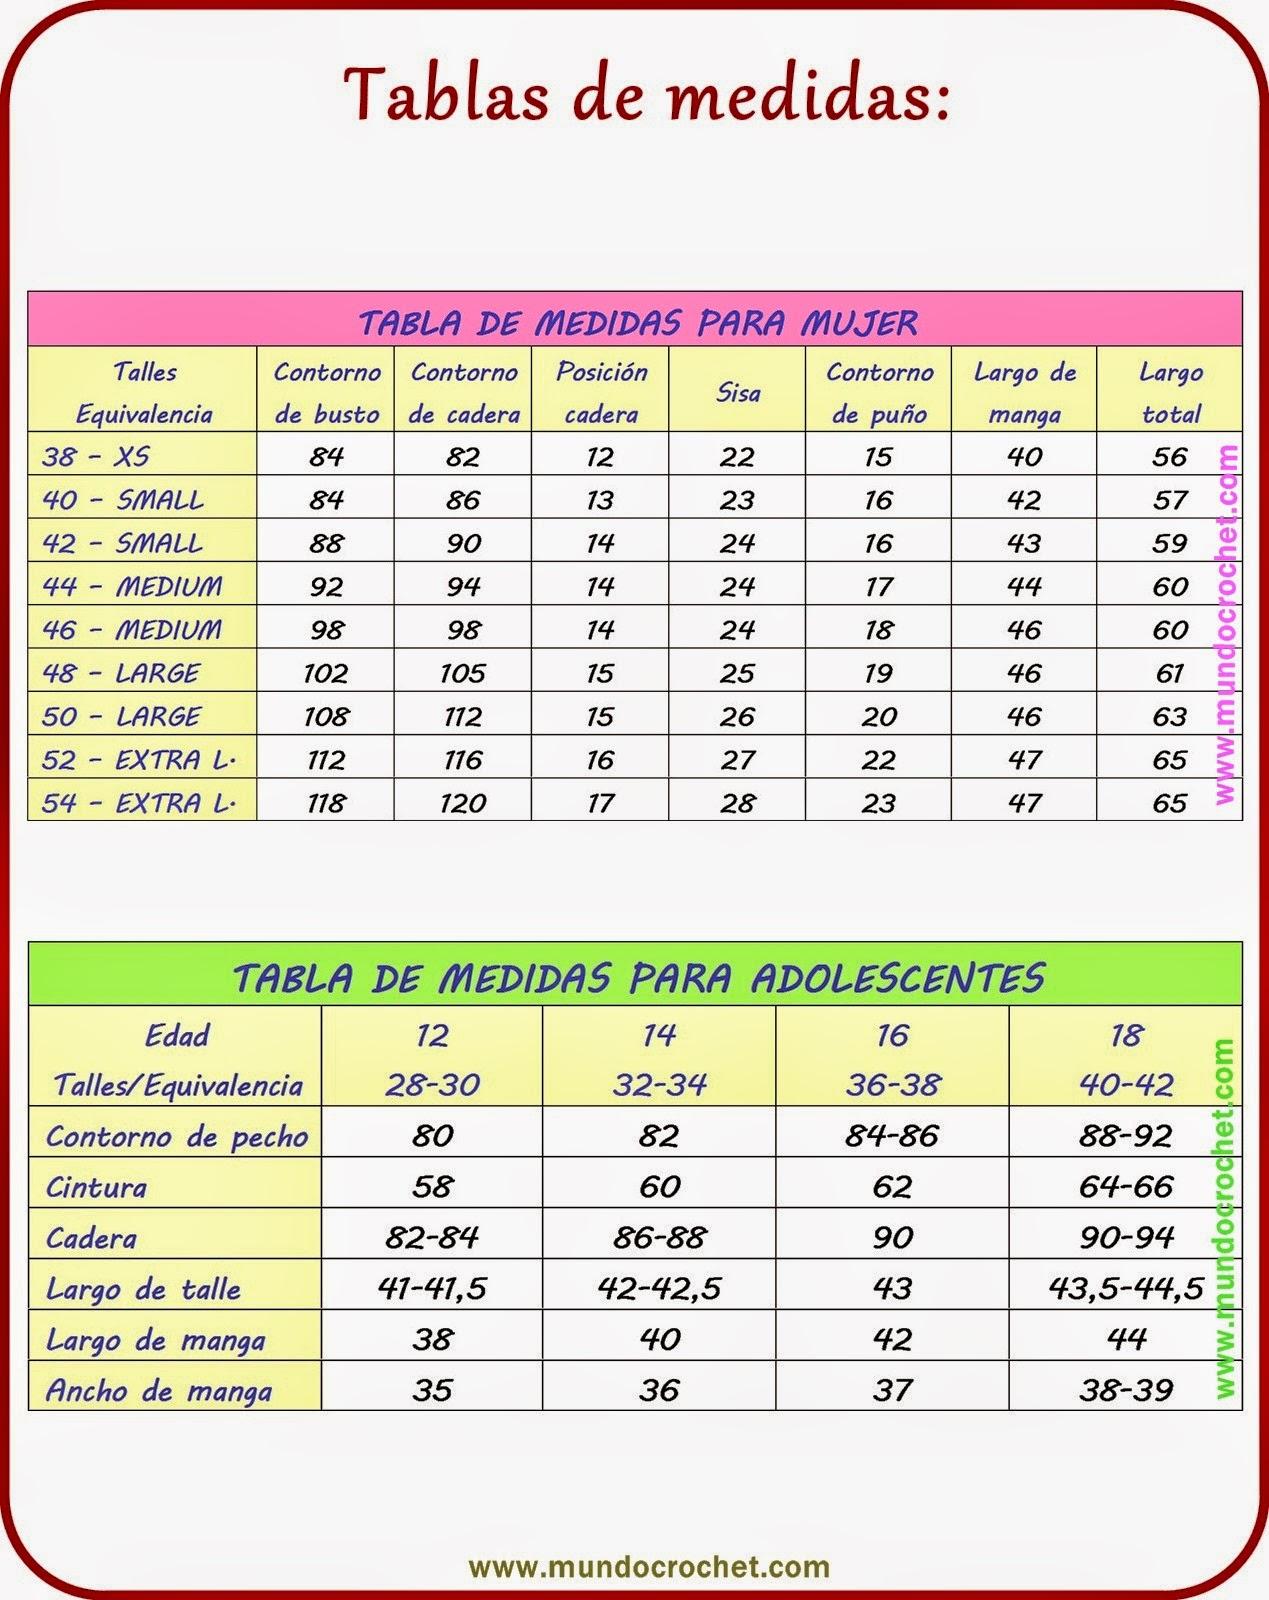 tabla de medidas para adolescentes